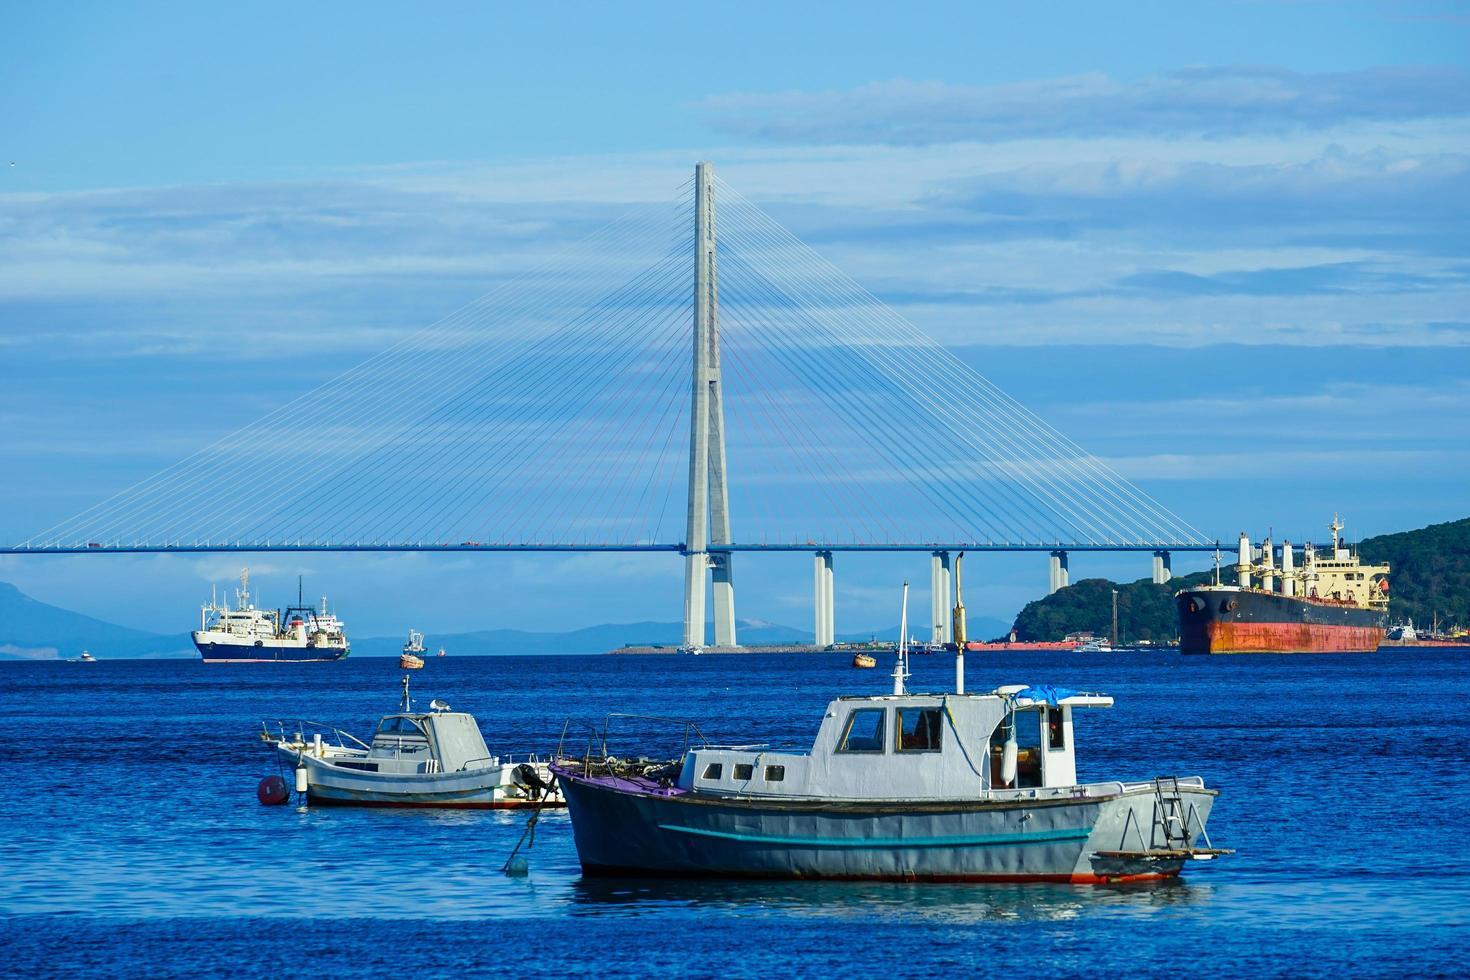 Seelandschaft mit Blick auf die russische Brücke und Schiffe. foto